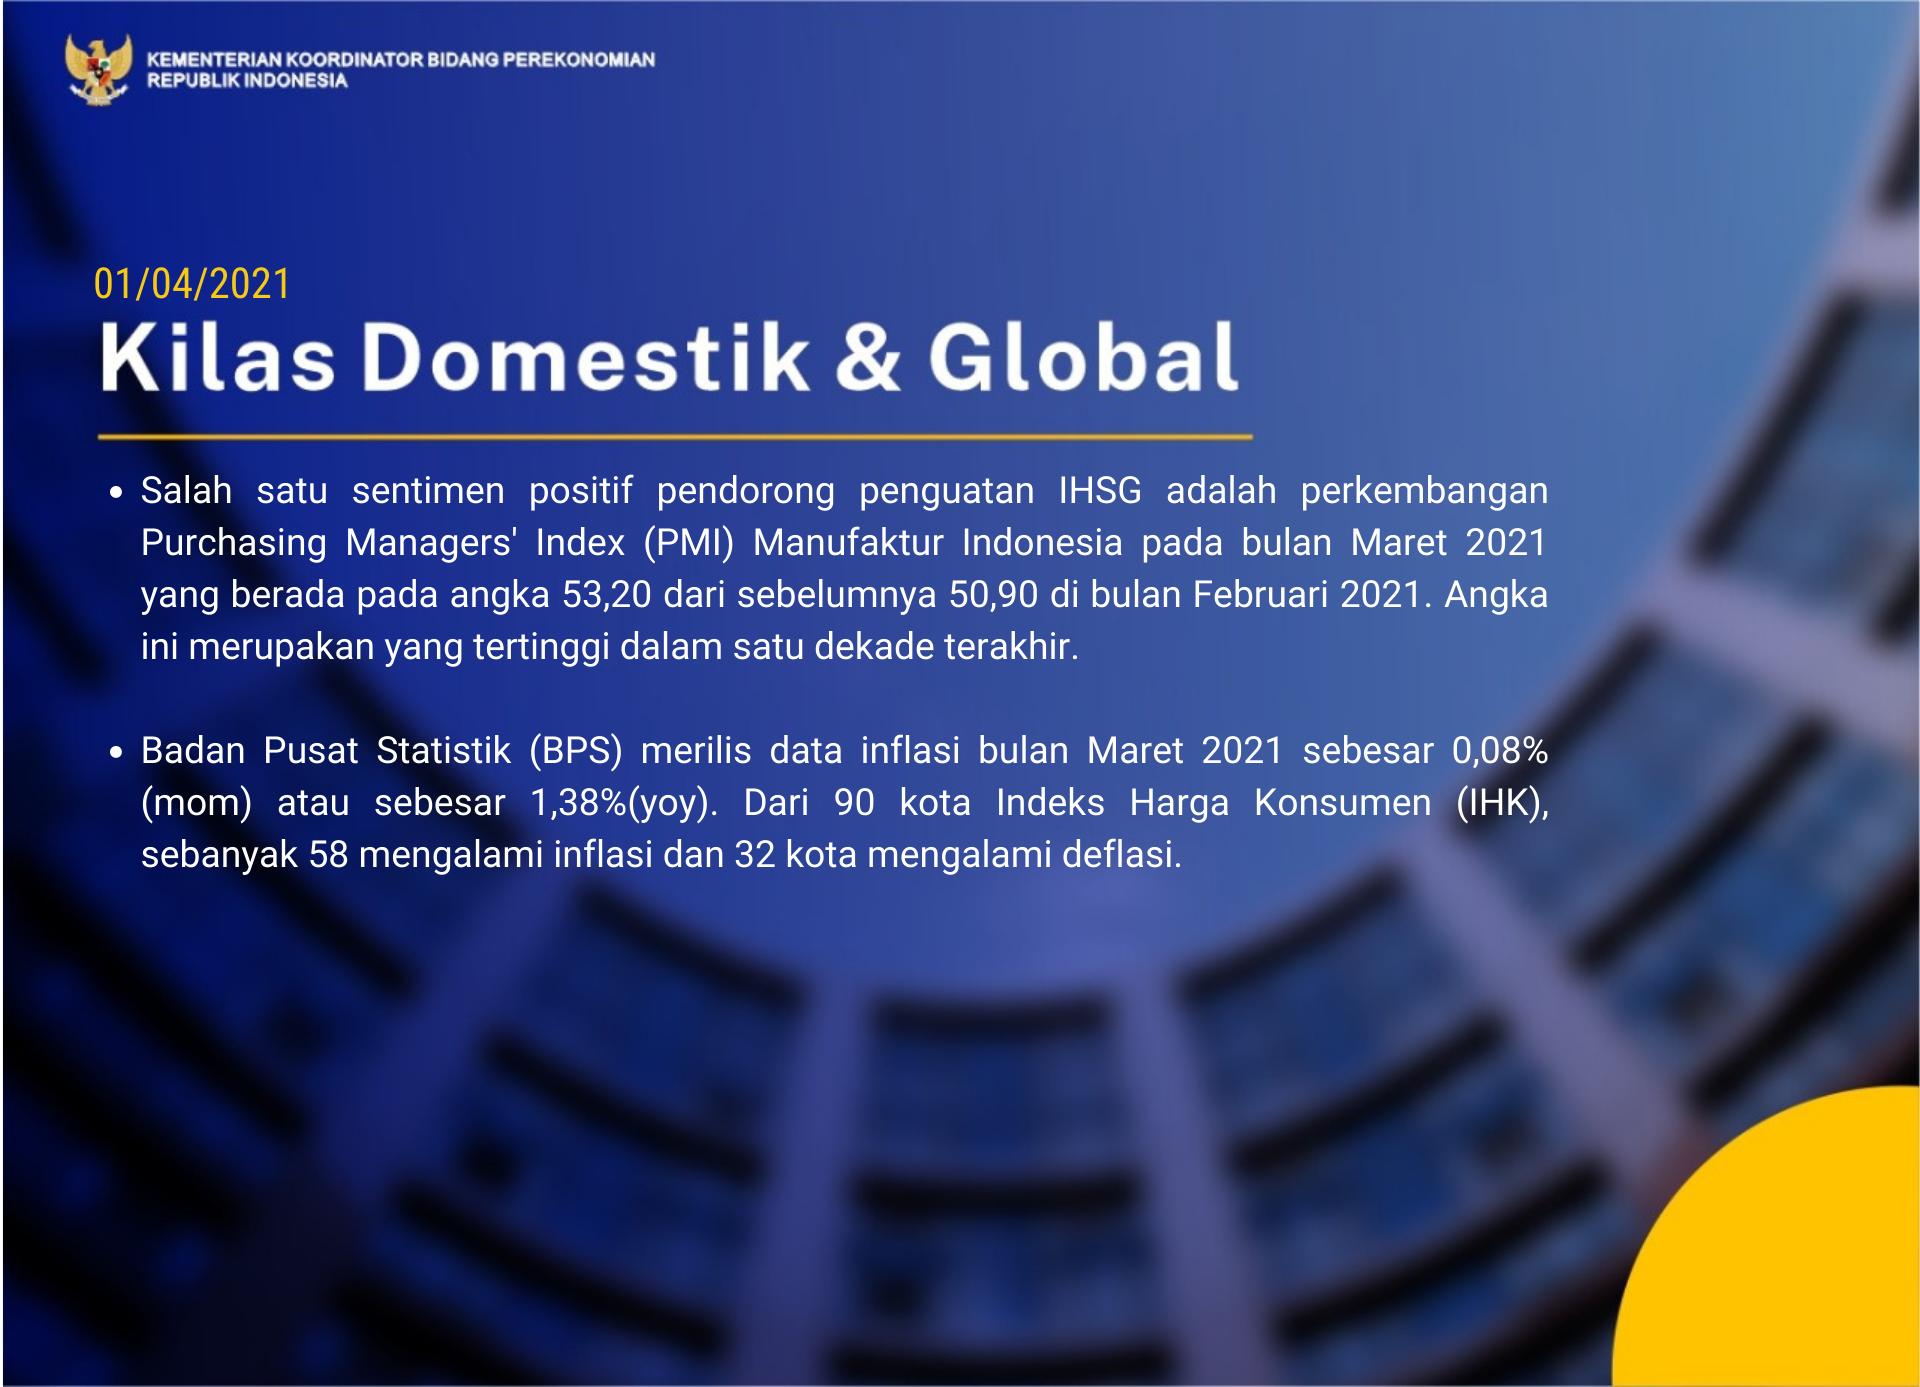 PMI Manufaktur Indonesia Bulan Maret 2021 Mencapai Level ...